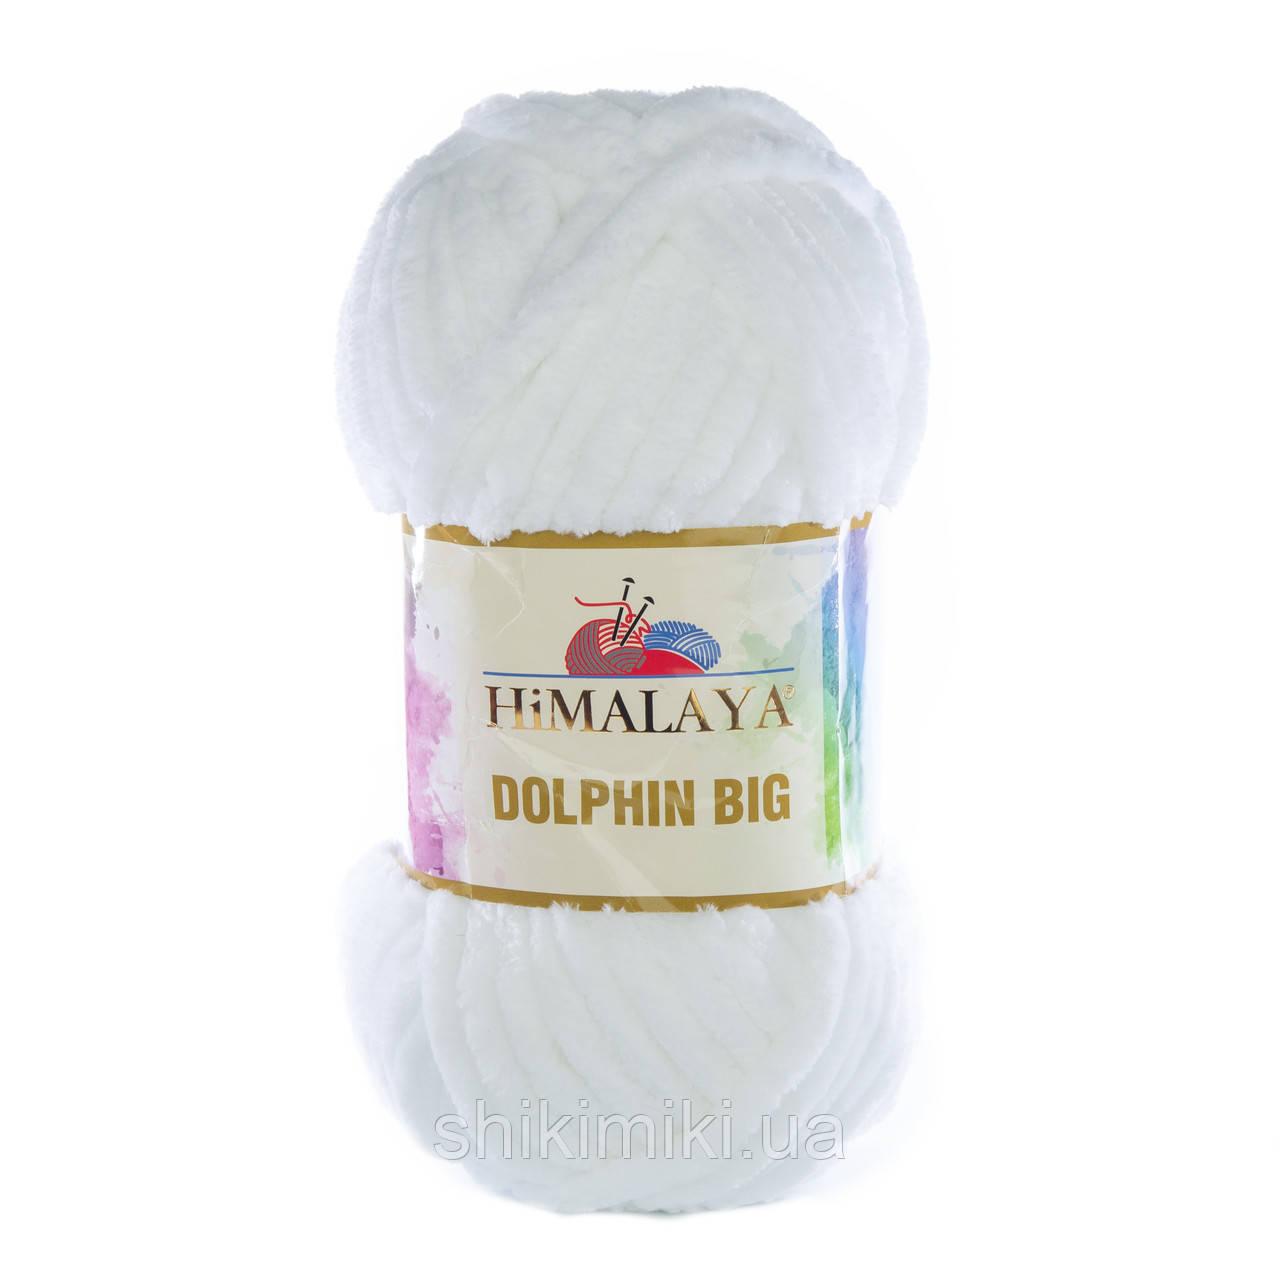 Пряжа плюшевая Dolphin Big, цвет Белый